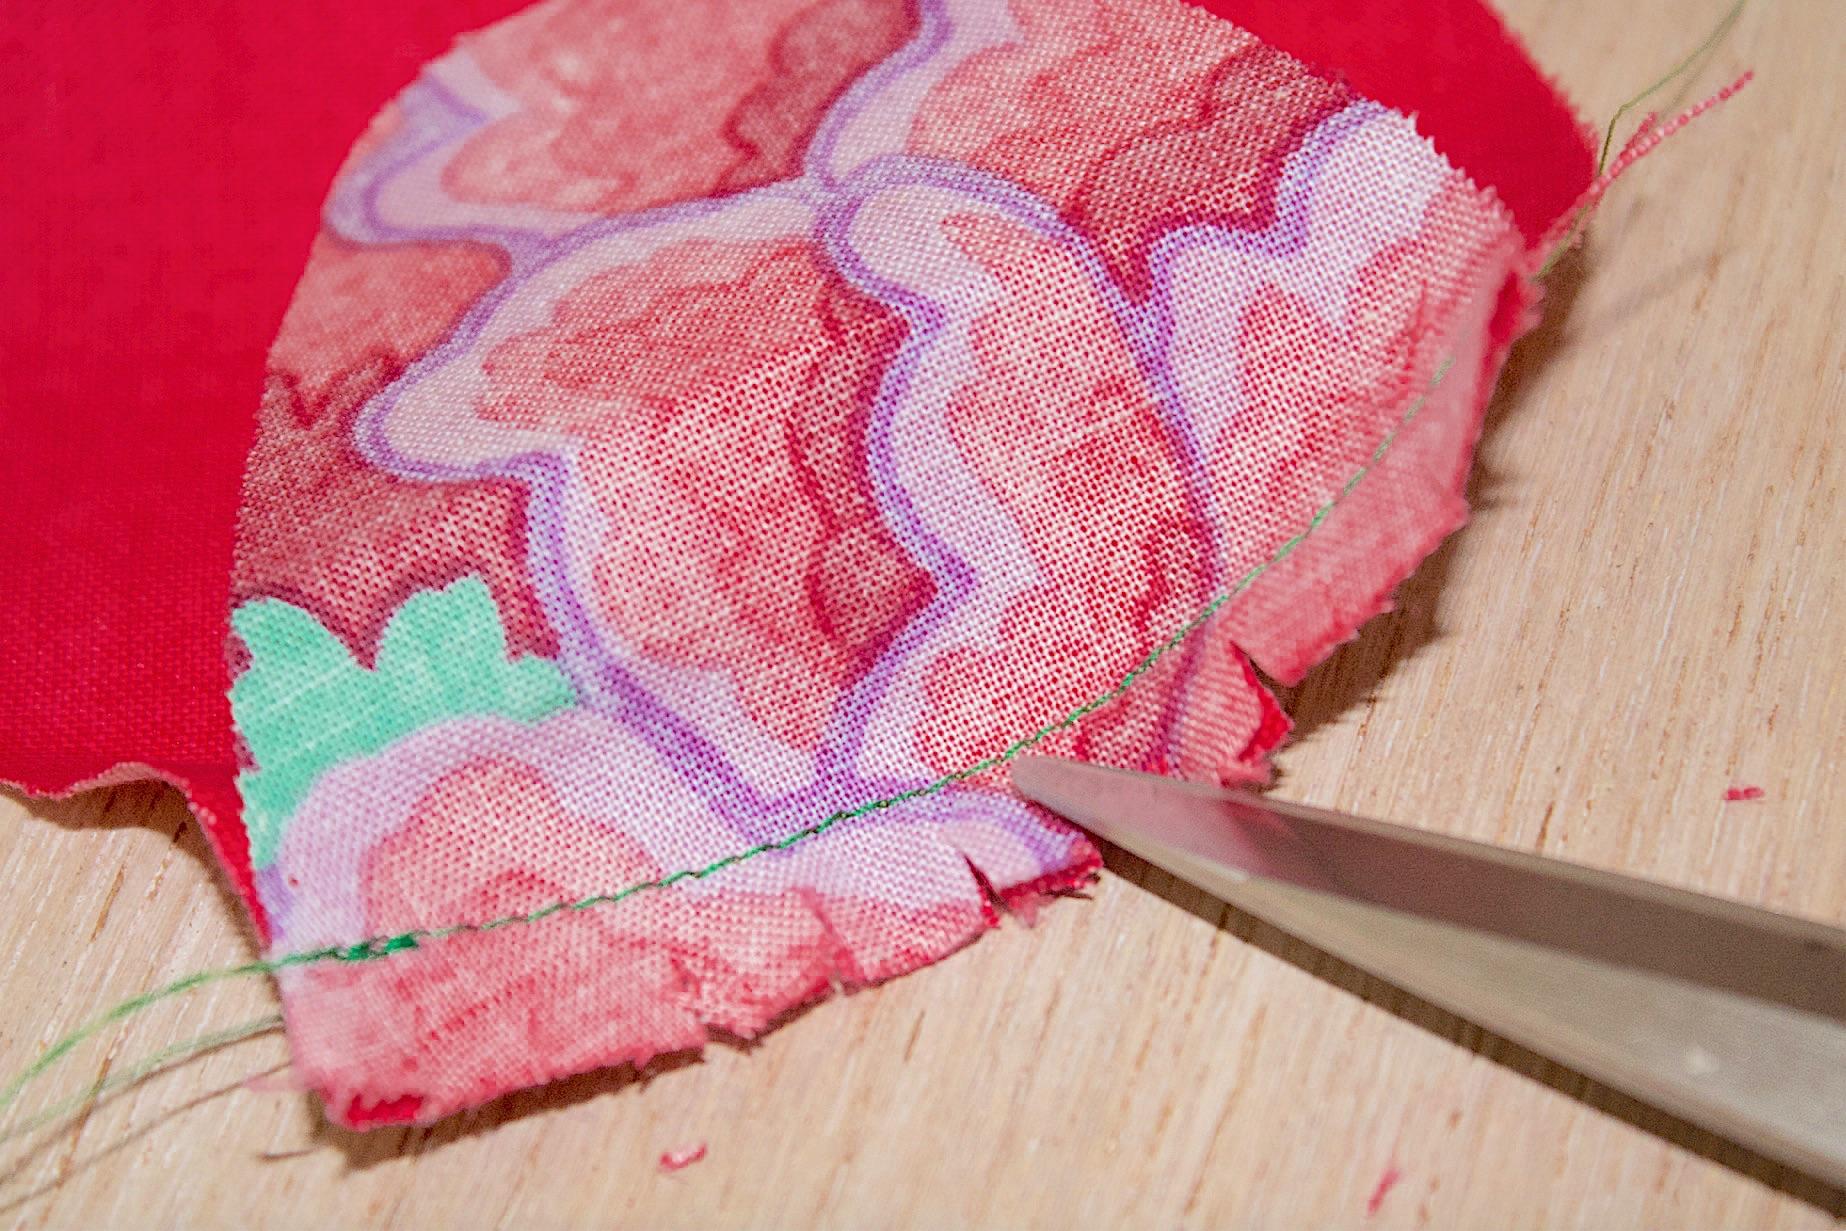 Incidere il tessuto del becco d'oca